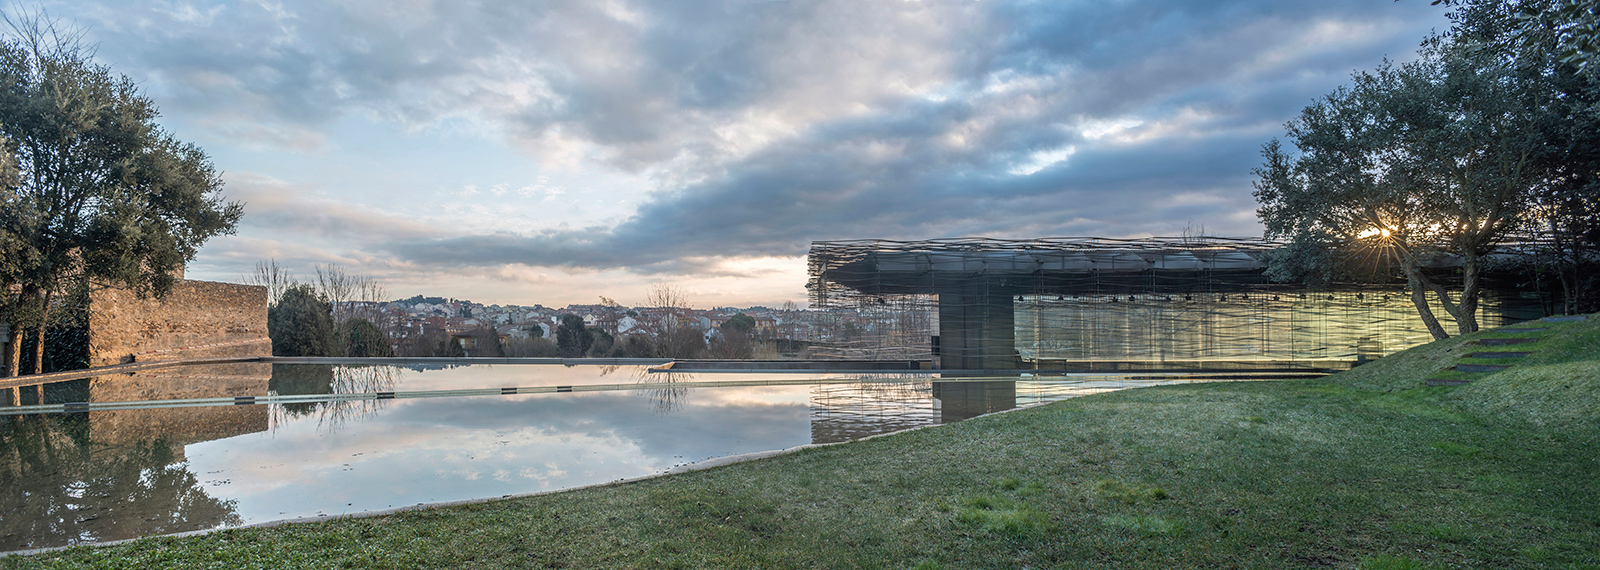 Rcr arquitectes first exhibition in ico museum metalocus for Arquitectes girona